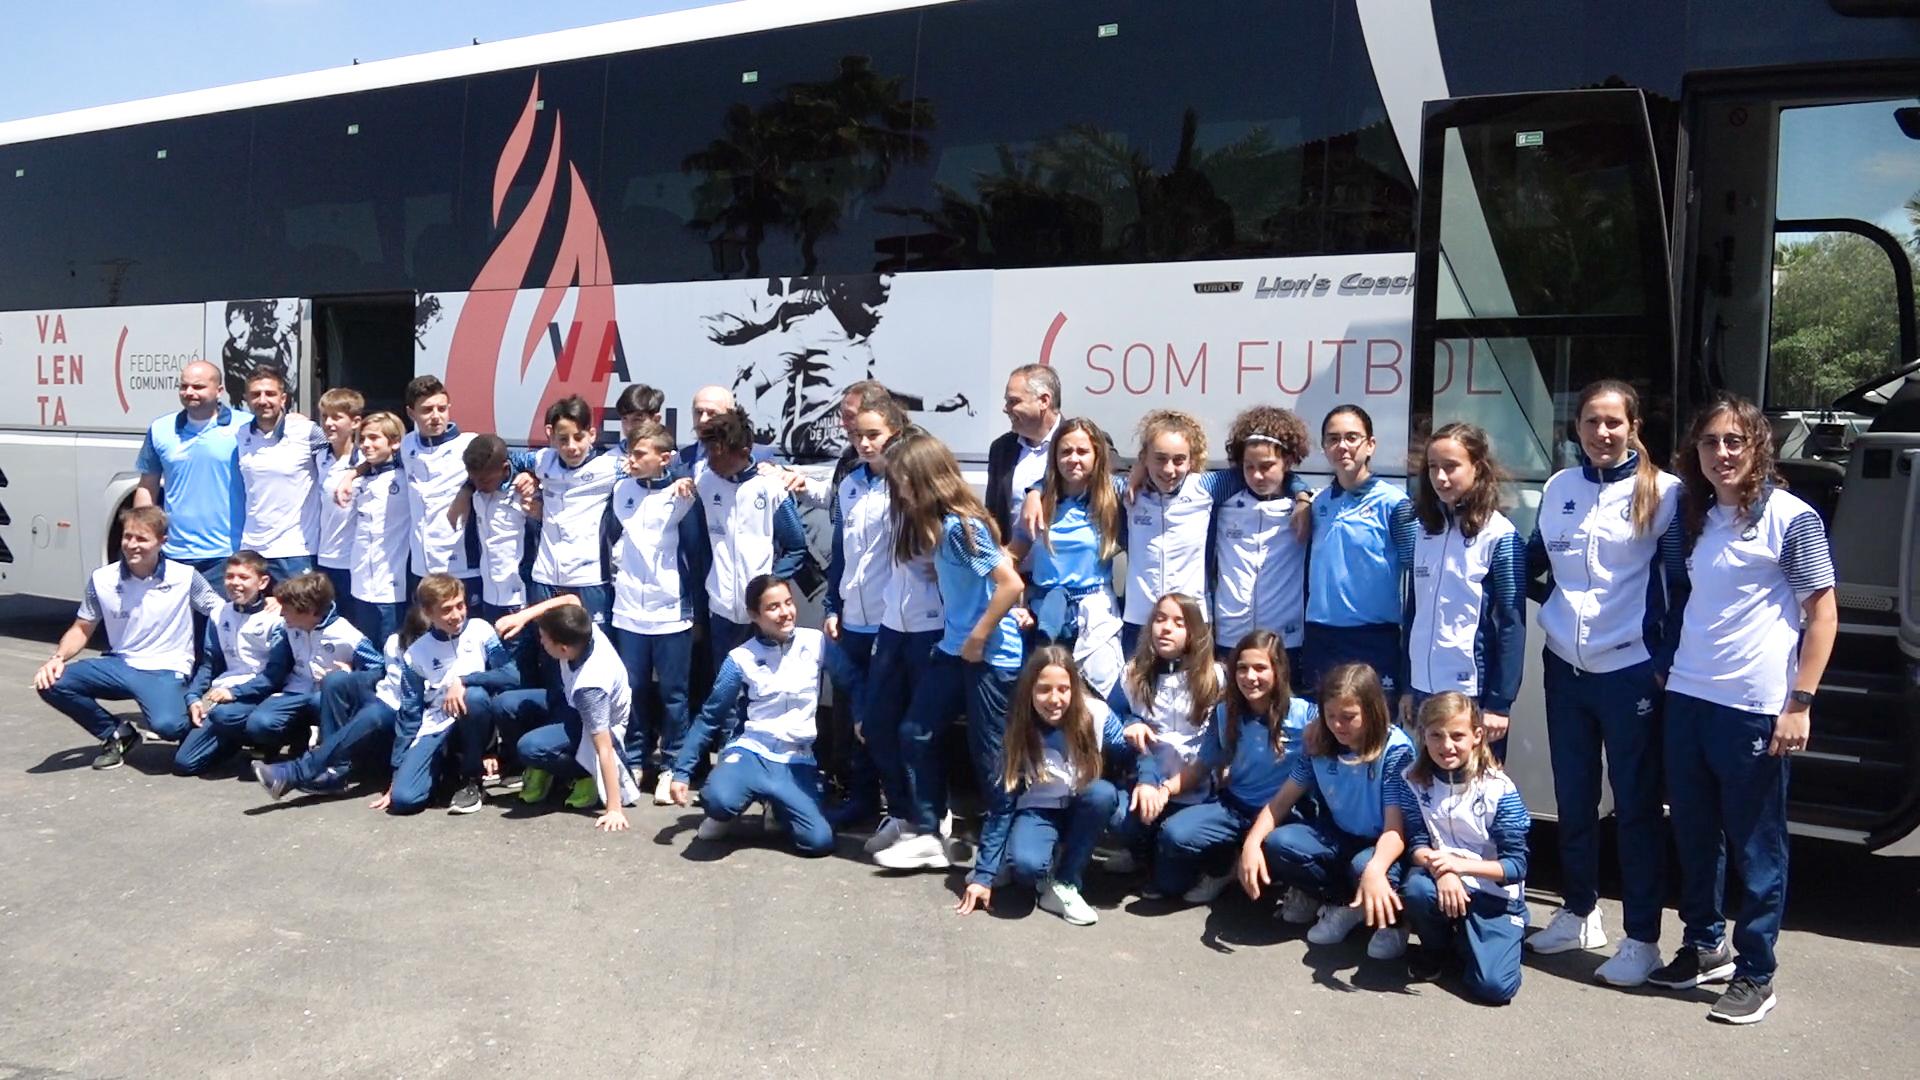 La Selecció sub12 con el nuevo autobús de la FFCV - Valenta